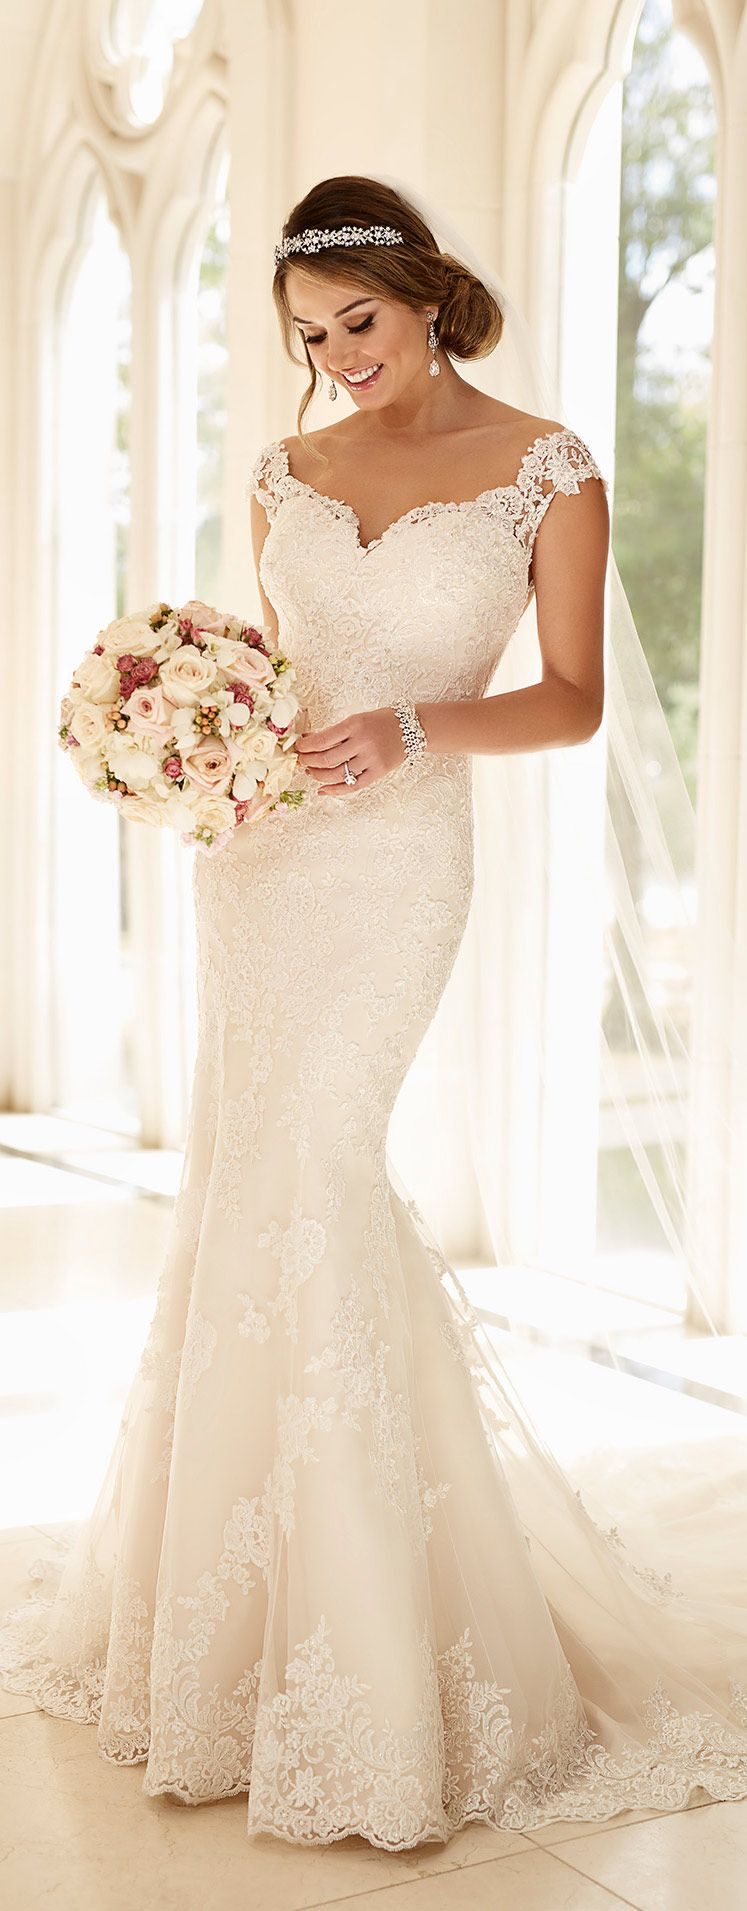 Stella york off shoulder long lace wedding dress wedding day